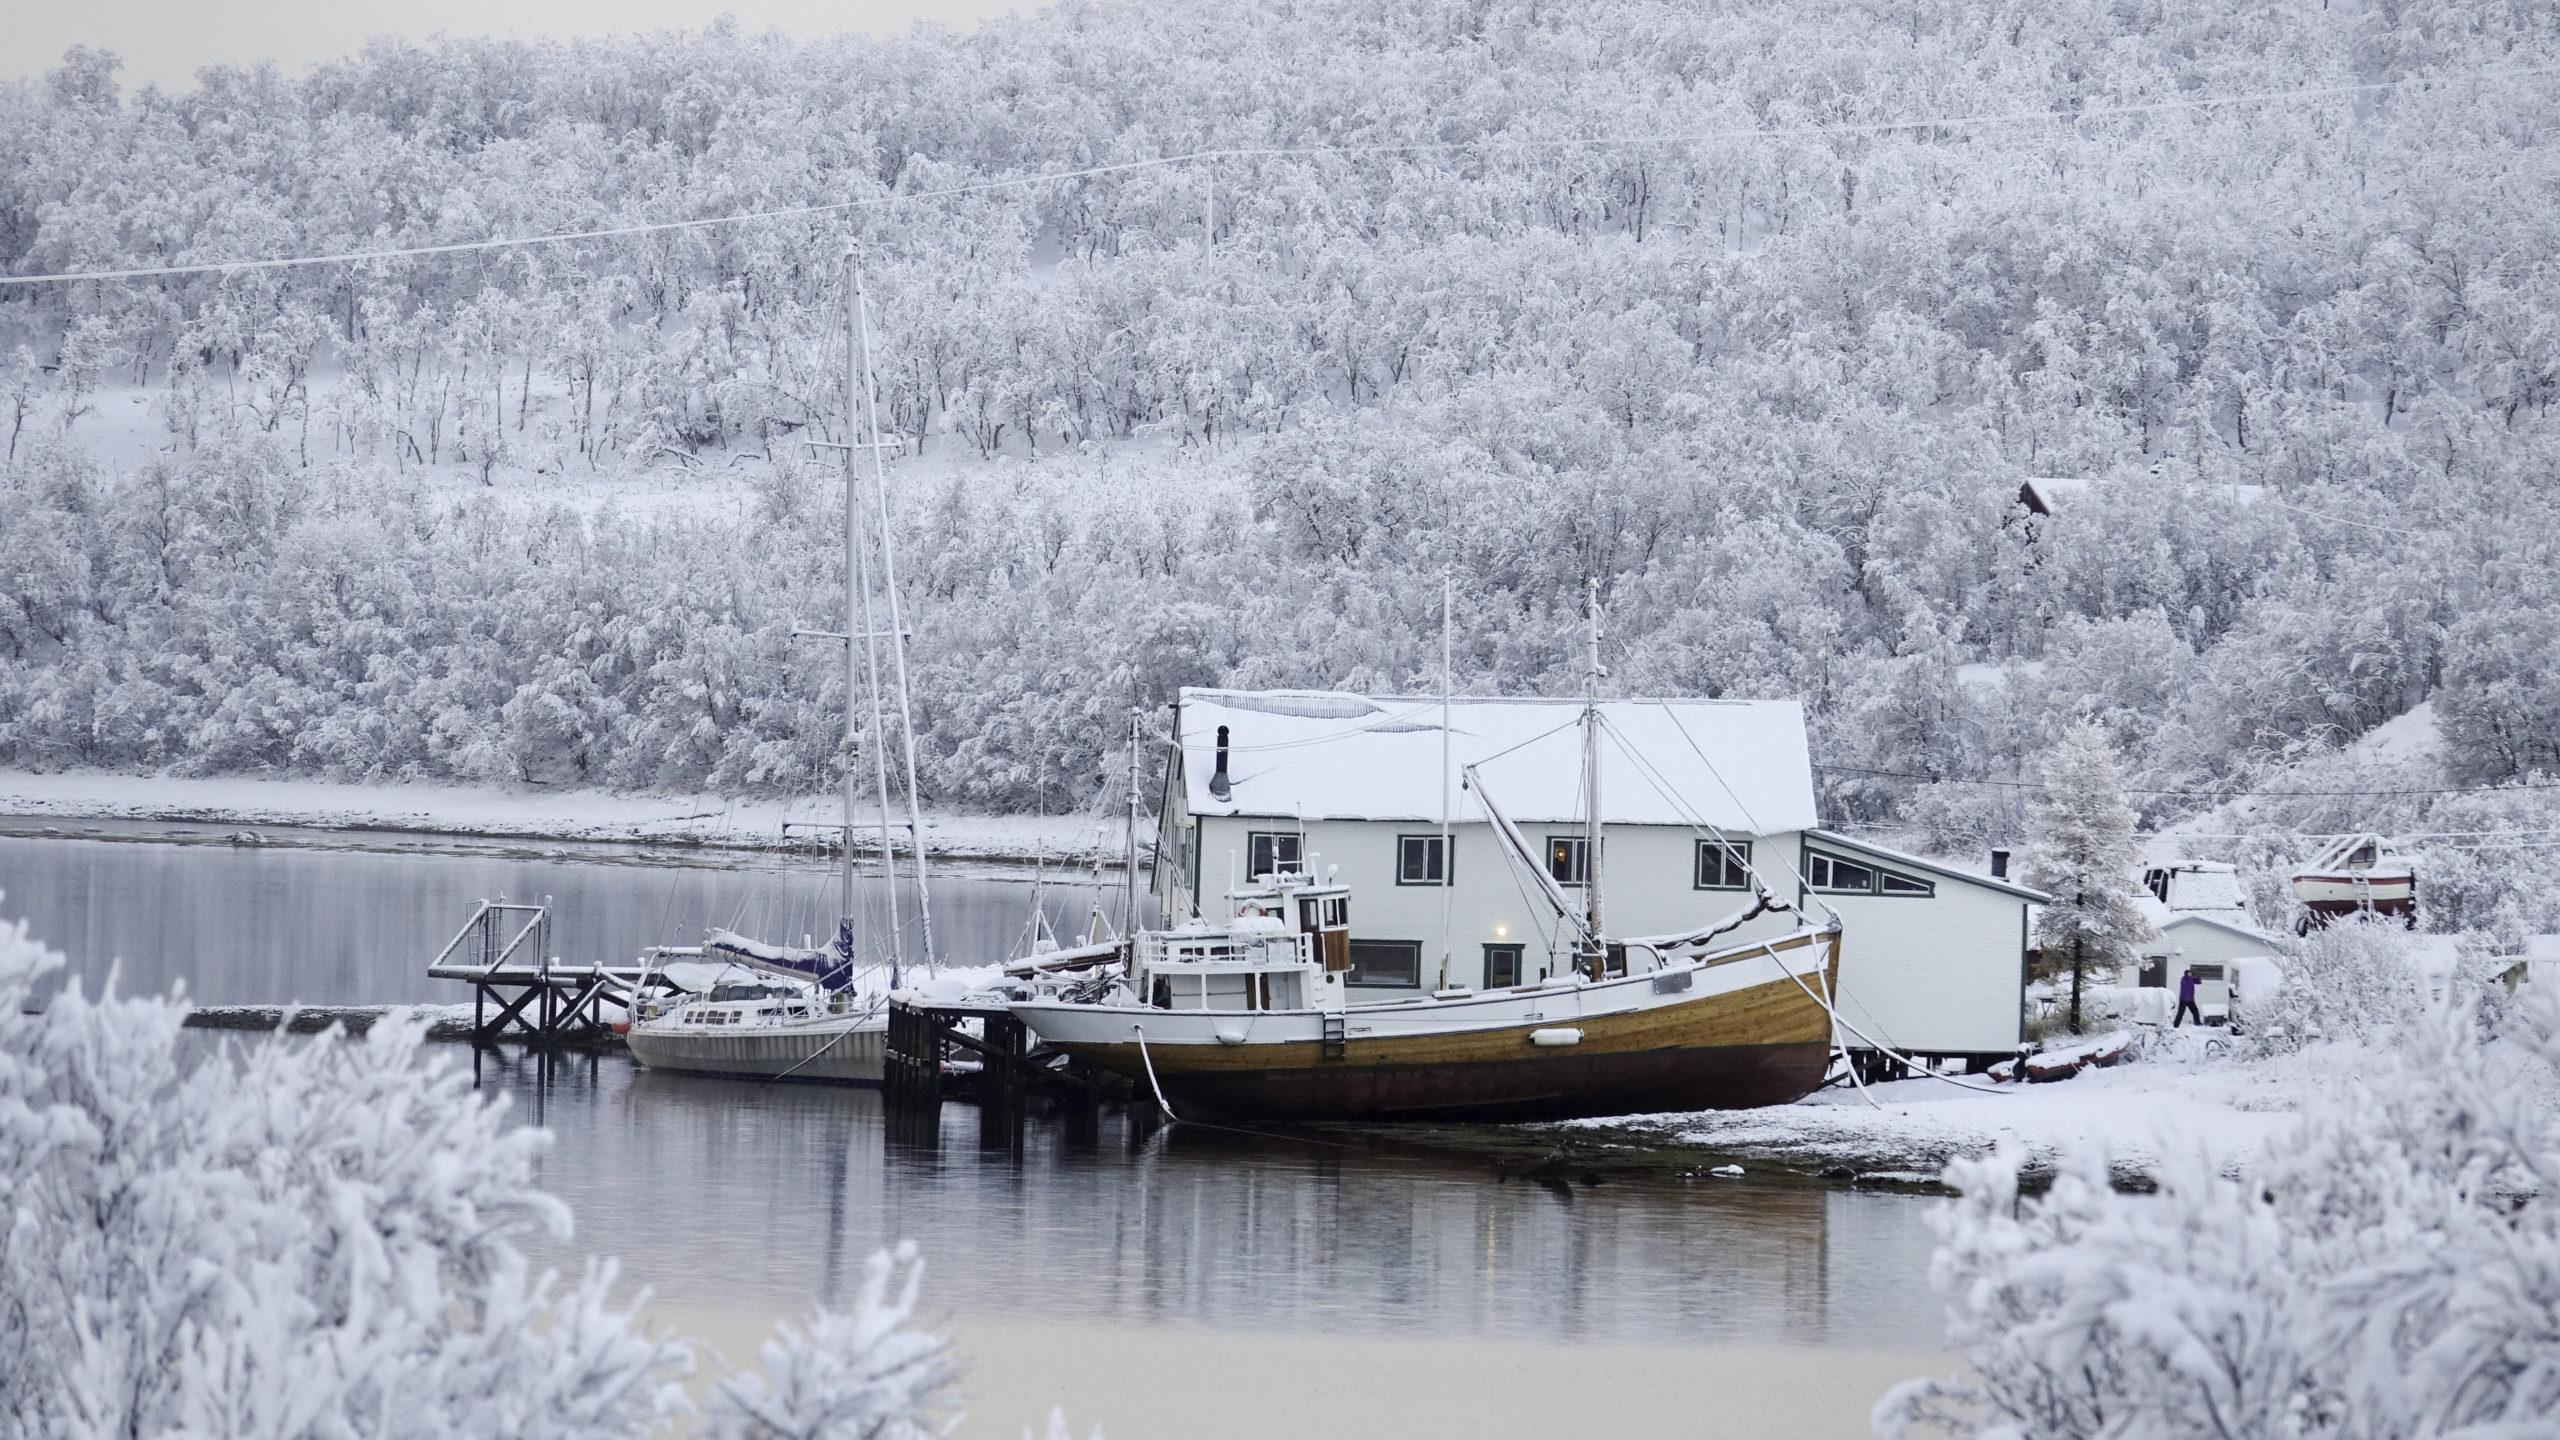 Duksund, Norway 2017 Hermes II